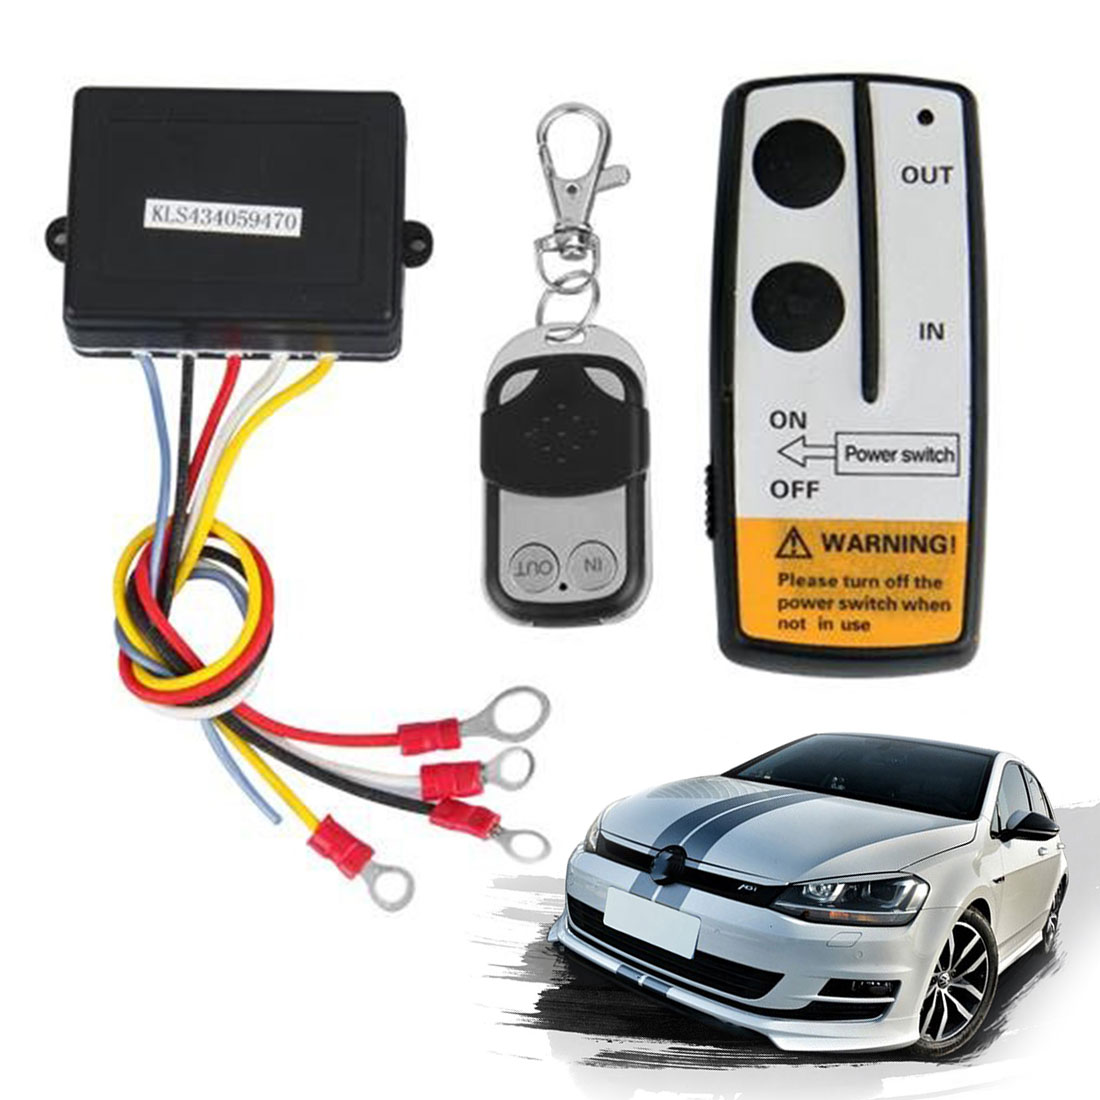 Cabrestante inalámbrico Universal Kit de Control remoto 12V 50 pies 2 mandos a distancia con indicador de luz Detector de coche para camión Jeep ATV SUV Cargador USB para coche de carga rápida 3,0 4,0 Universal 18W carga rápida en coche 3 puertos cargador de teléfono móvil para samsung s10 iphone 11 7